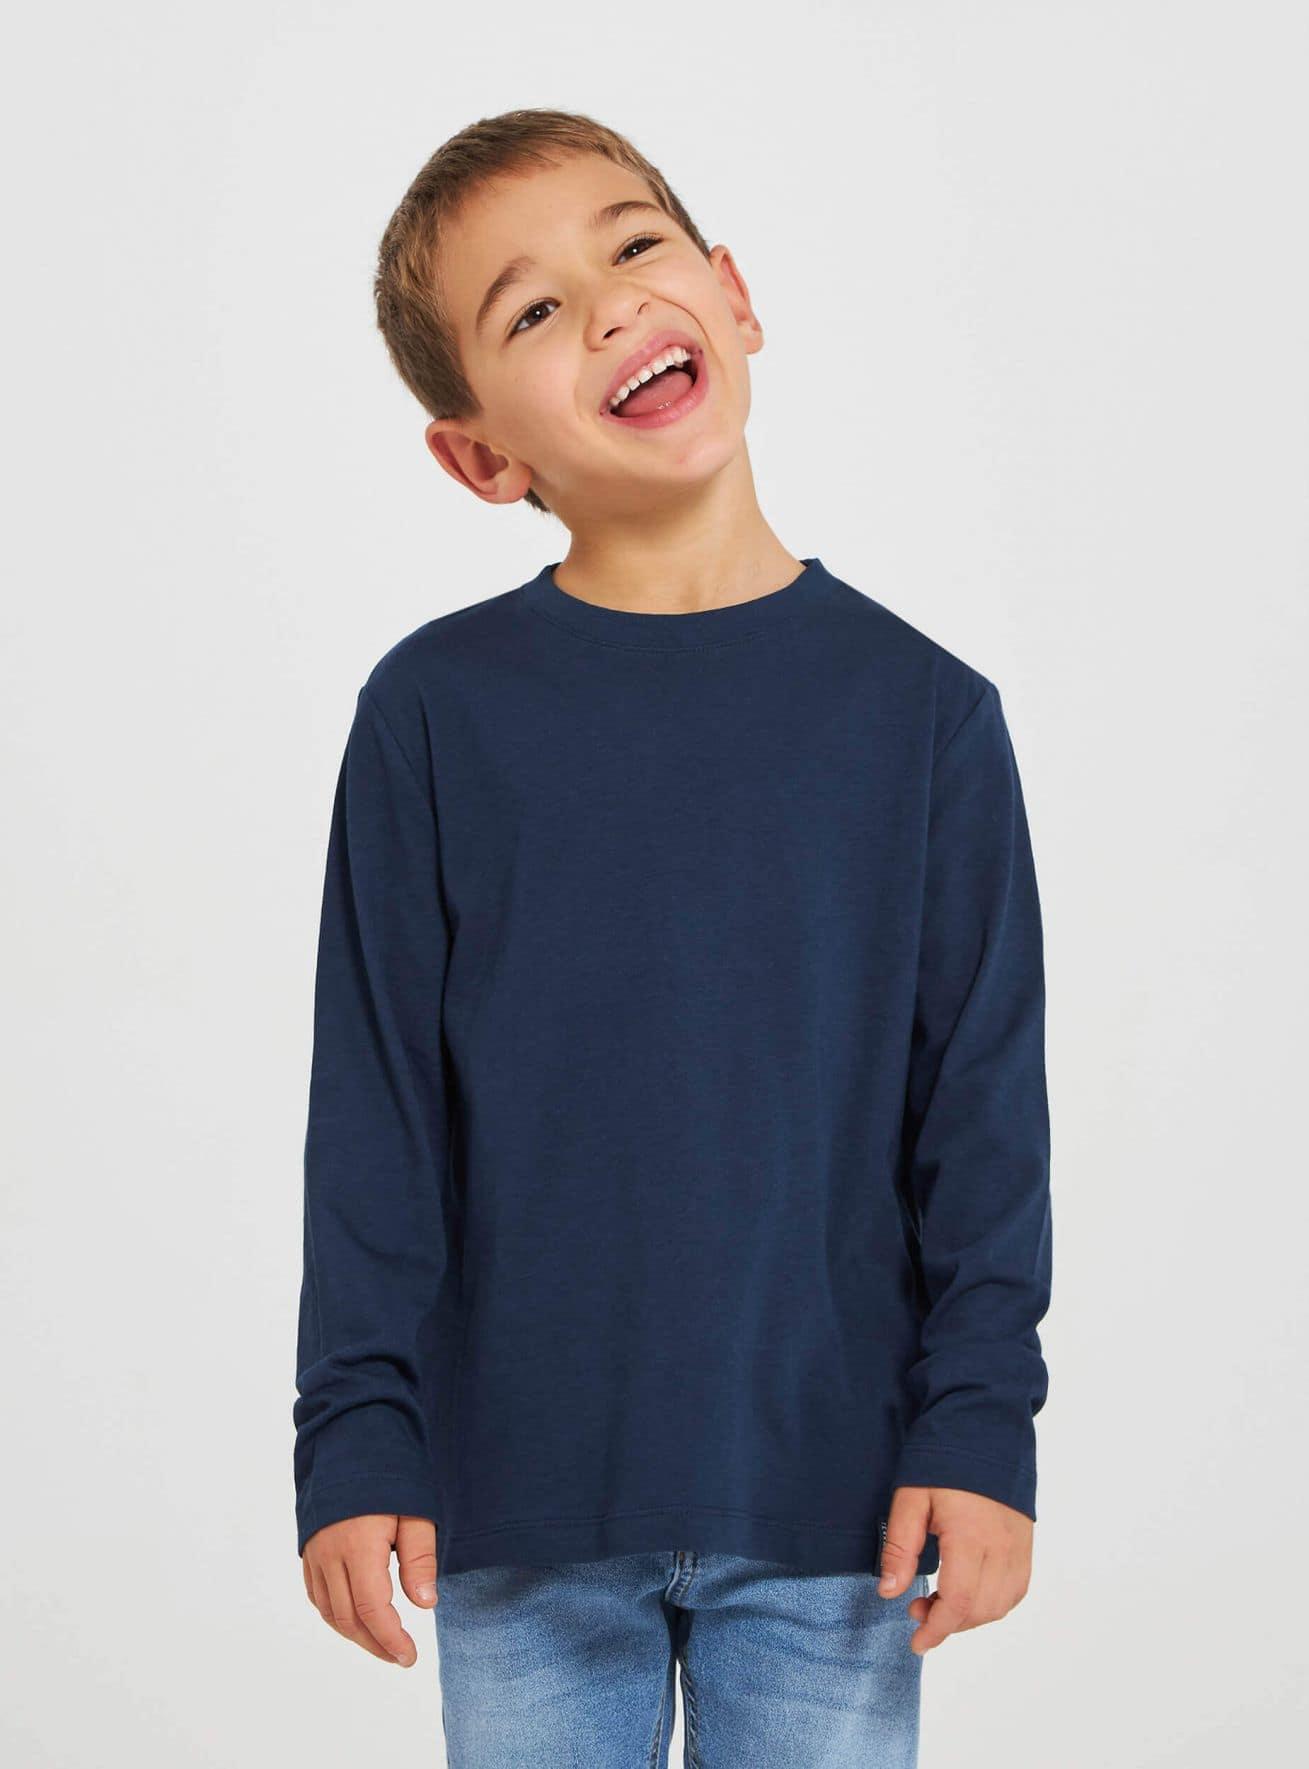 T-Shirt ML Детски дрехи за момчета 010